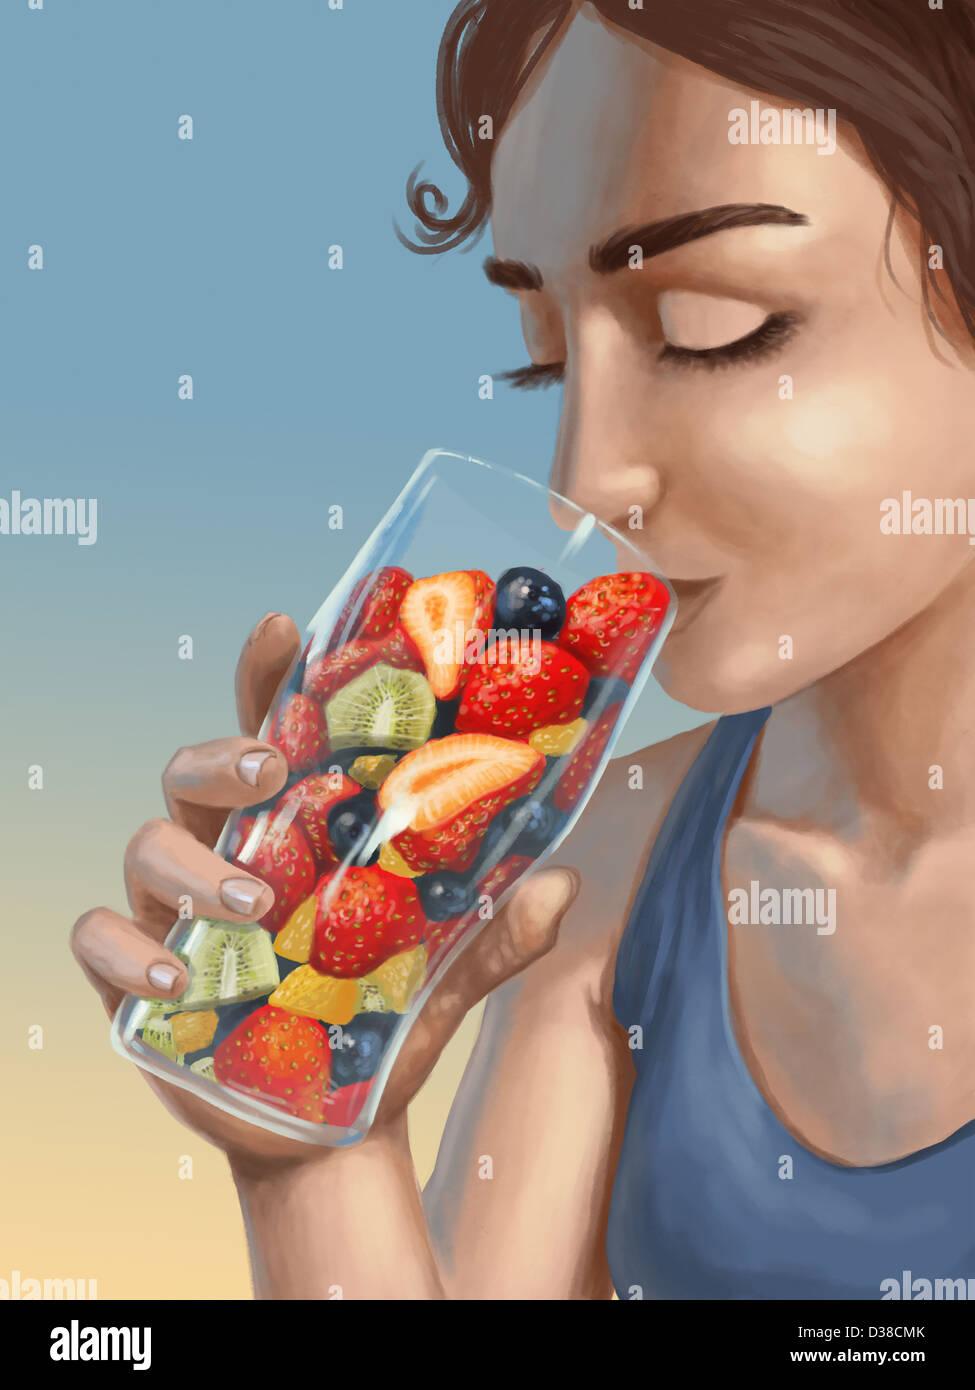 Image d'illustration de femme tenant un verre rempli de fruits frais représentant de vie sain Photo Stock